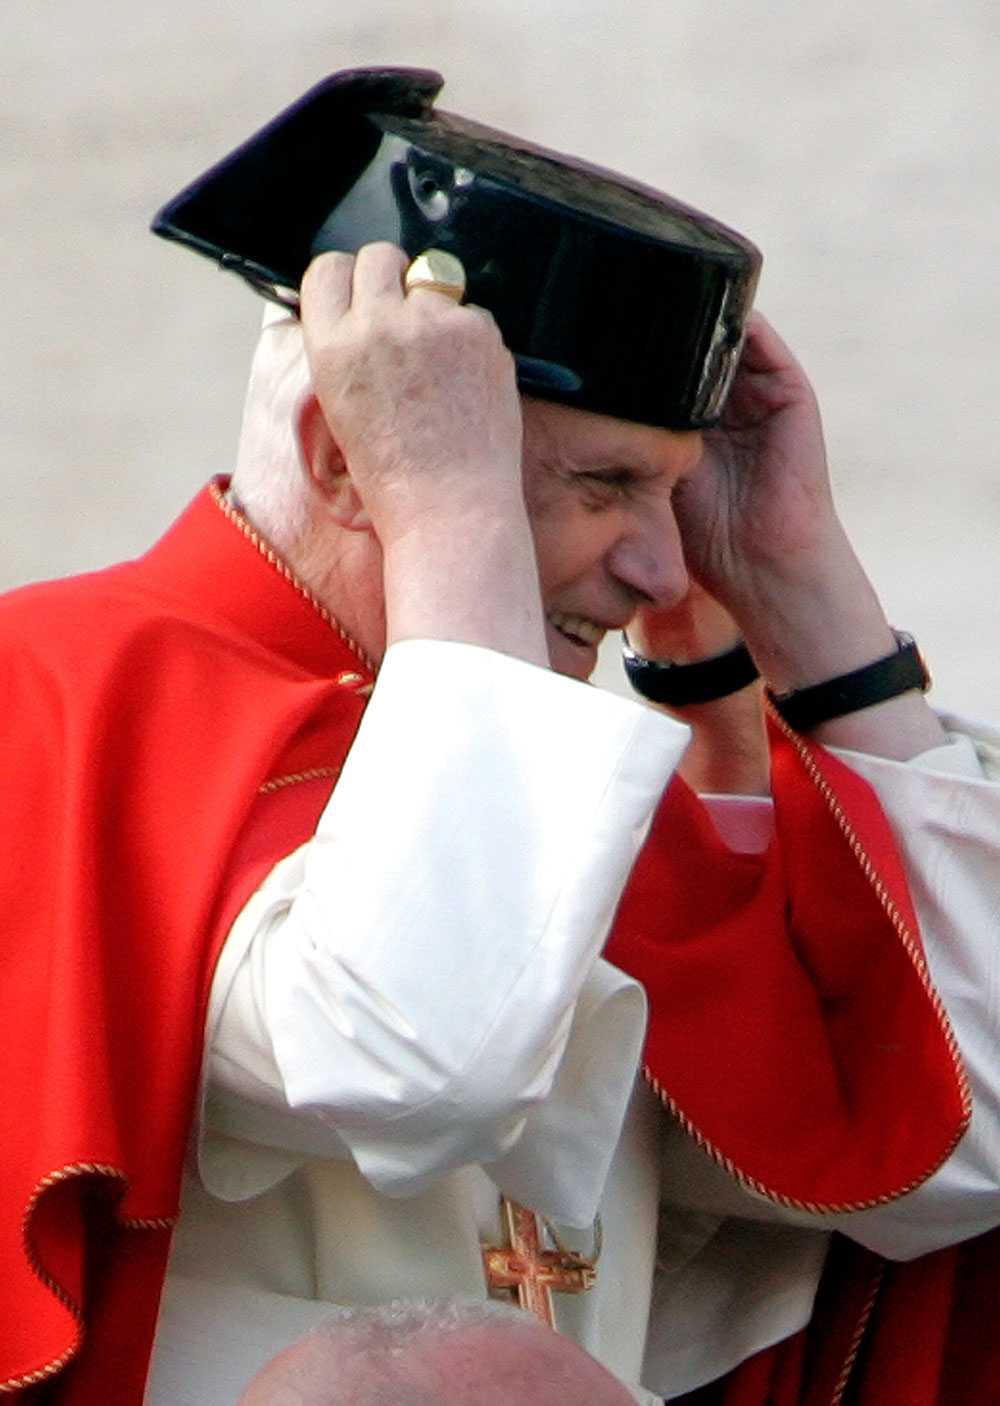 Ännu en dag – ännu en hatt. Påven testar en kreation på utanför Peterskyrkan i Rom.